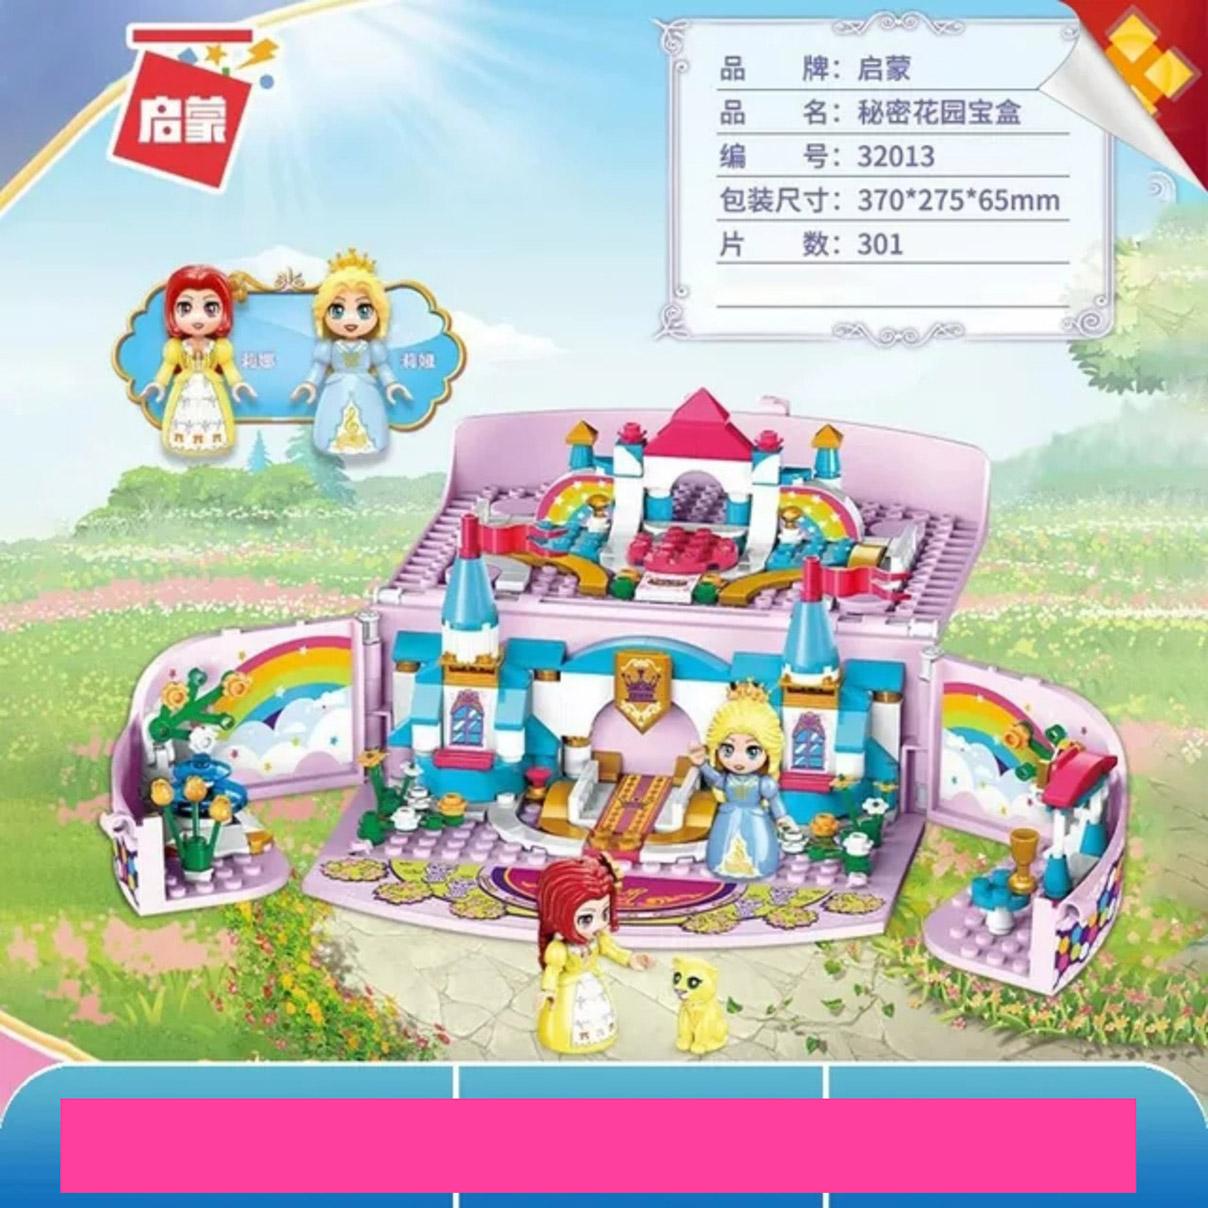 Đồ chơi lego khu vườn bí mật - Qman 32013